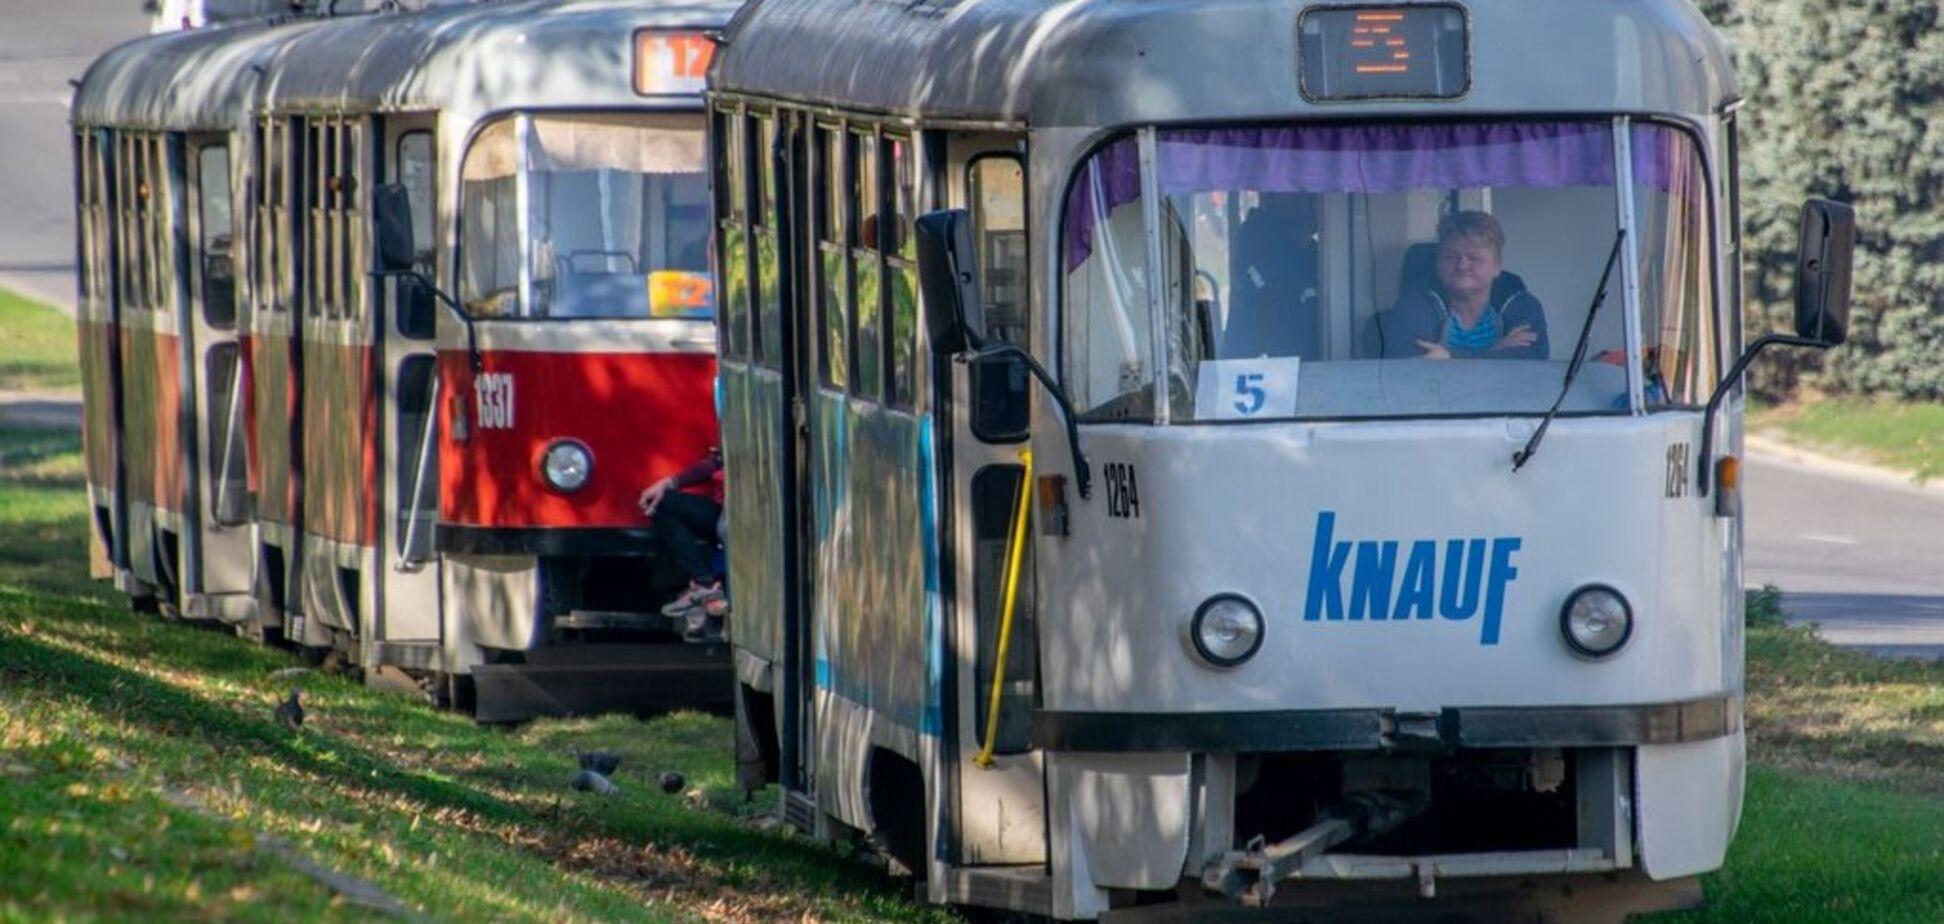 Электротранспорт Днепра. Источник: Информатор